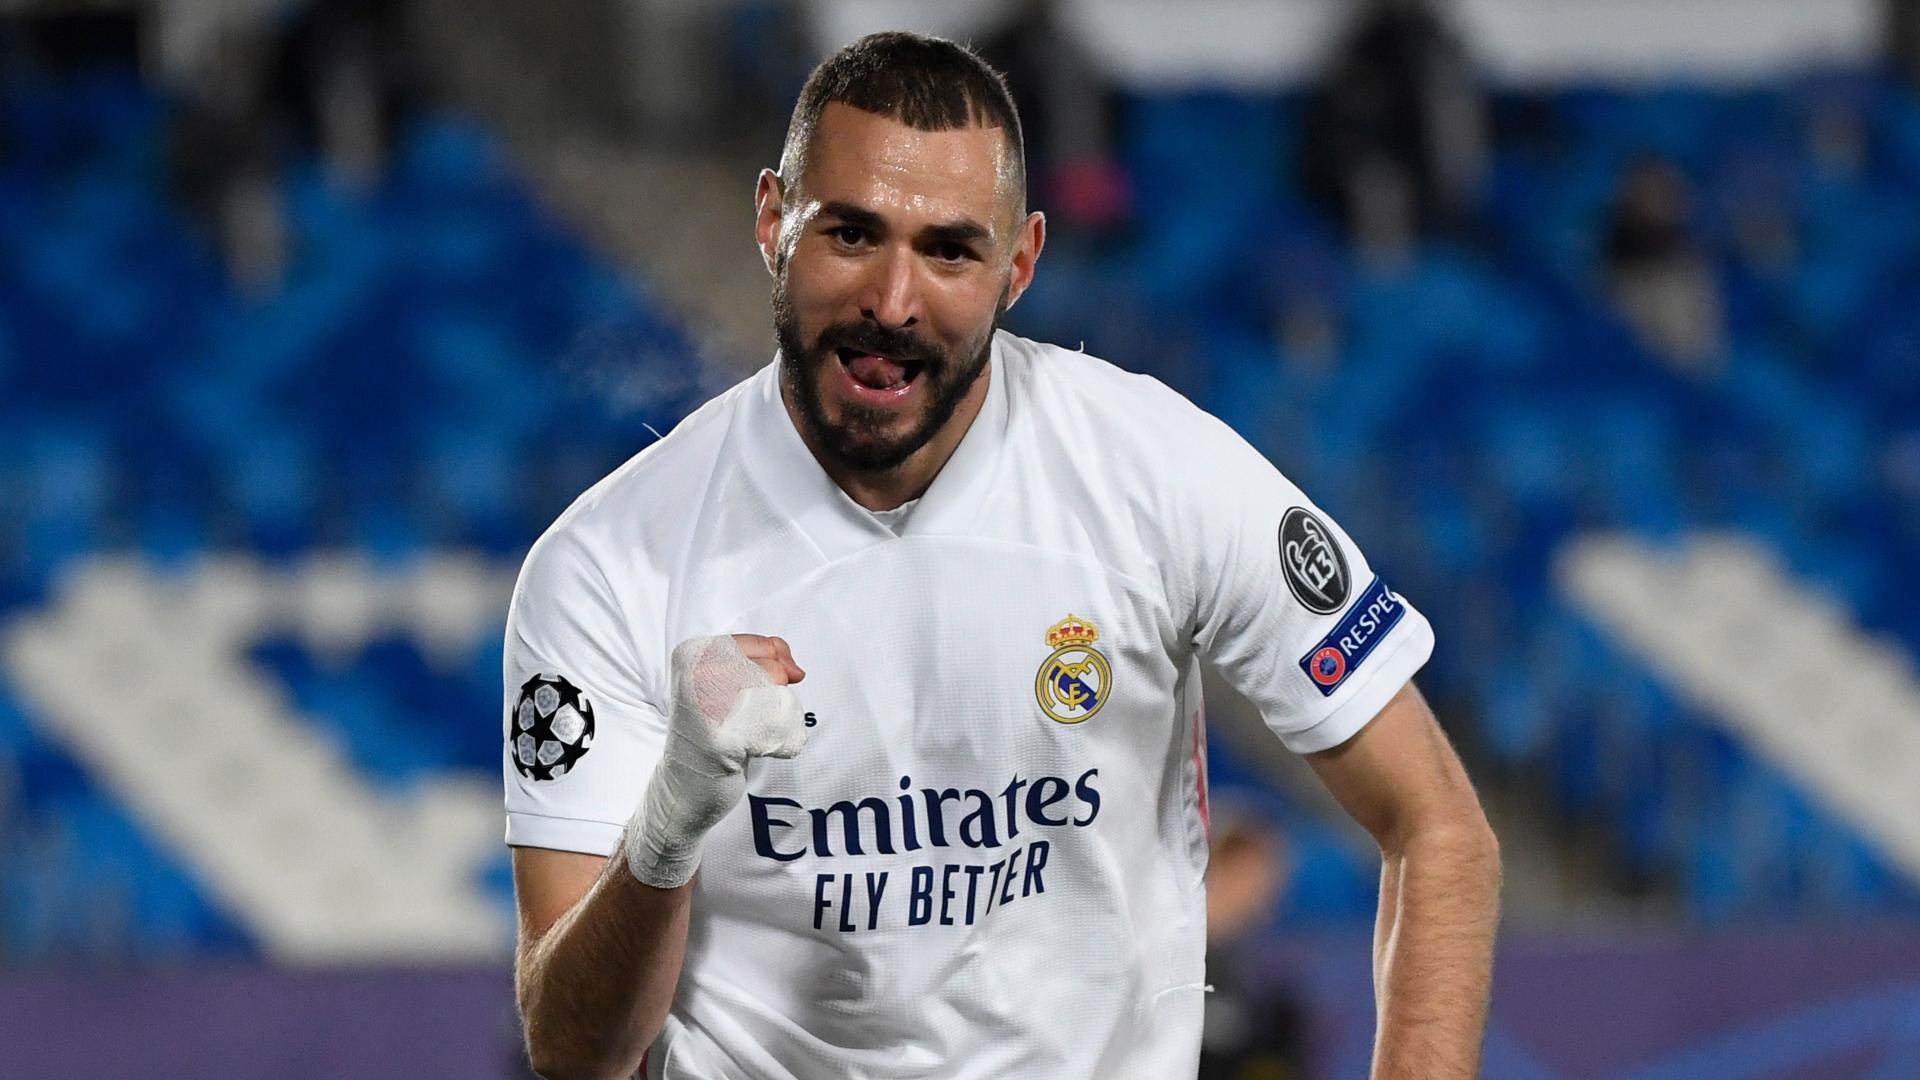 Real Madrid-Liverpool, le formazioni ufficiali: Benzema contro Salah